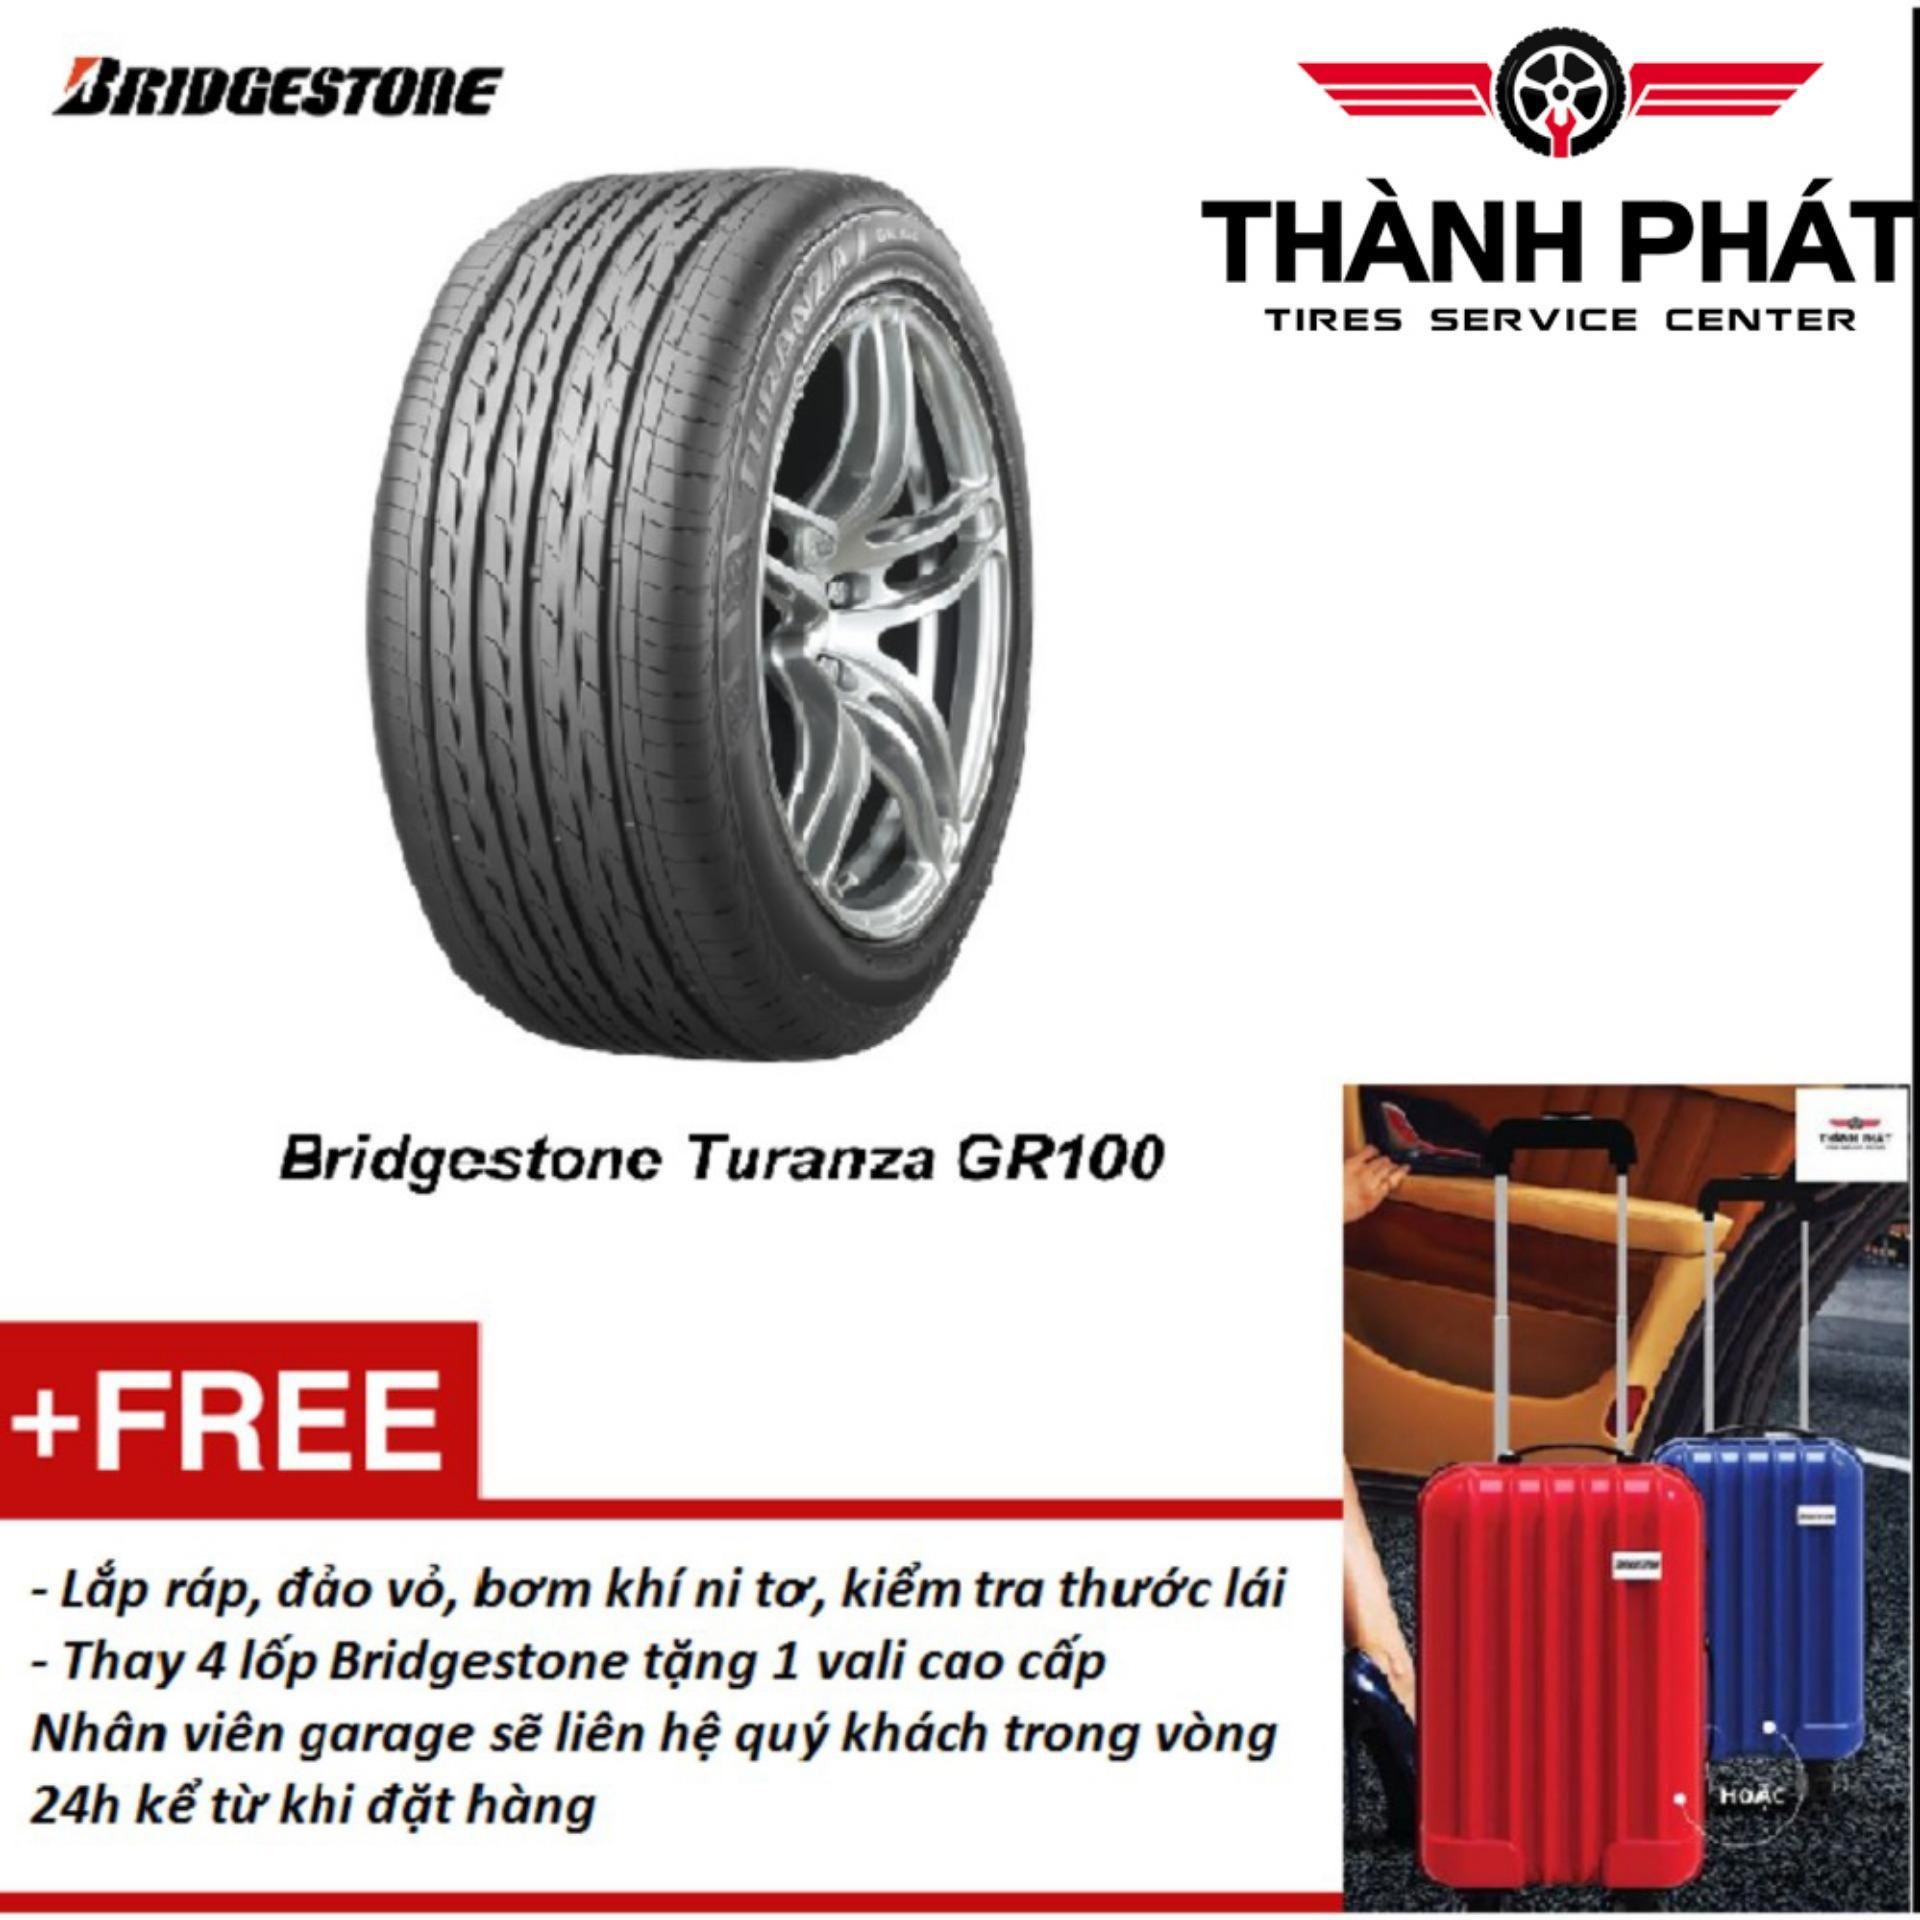 Bán Lốp Xe O To Bridgestone Turanza 205 60R16 Miễn Phi Lắp Đặt Bridgestone Trong Hồ Chí Minh